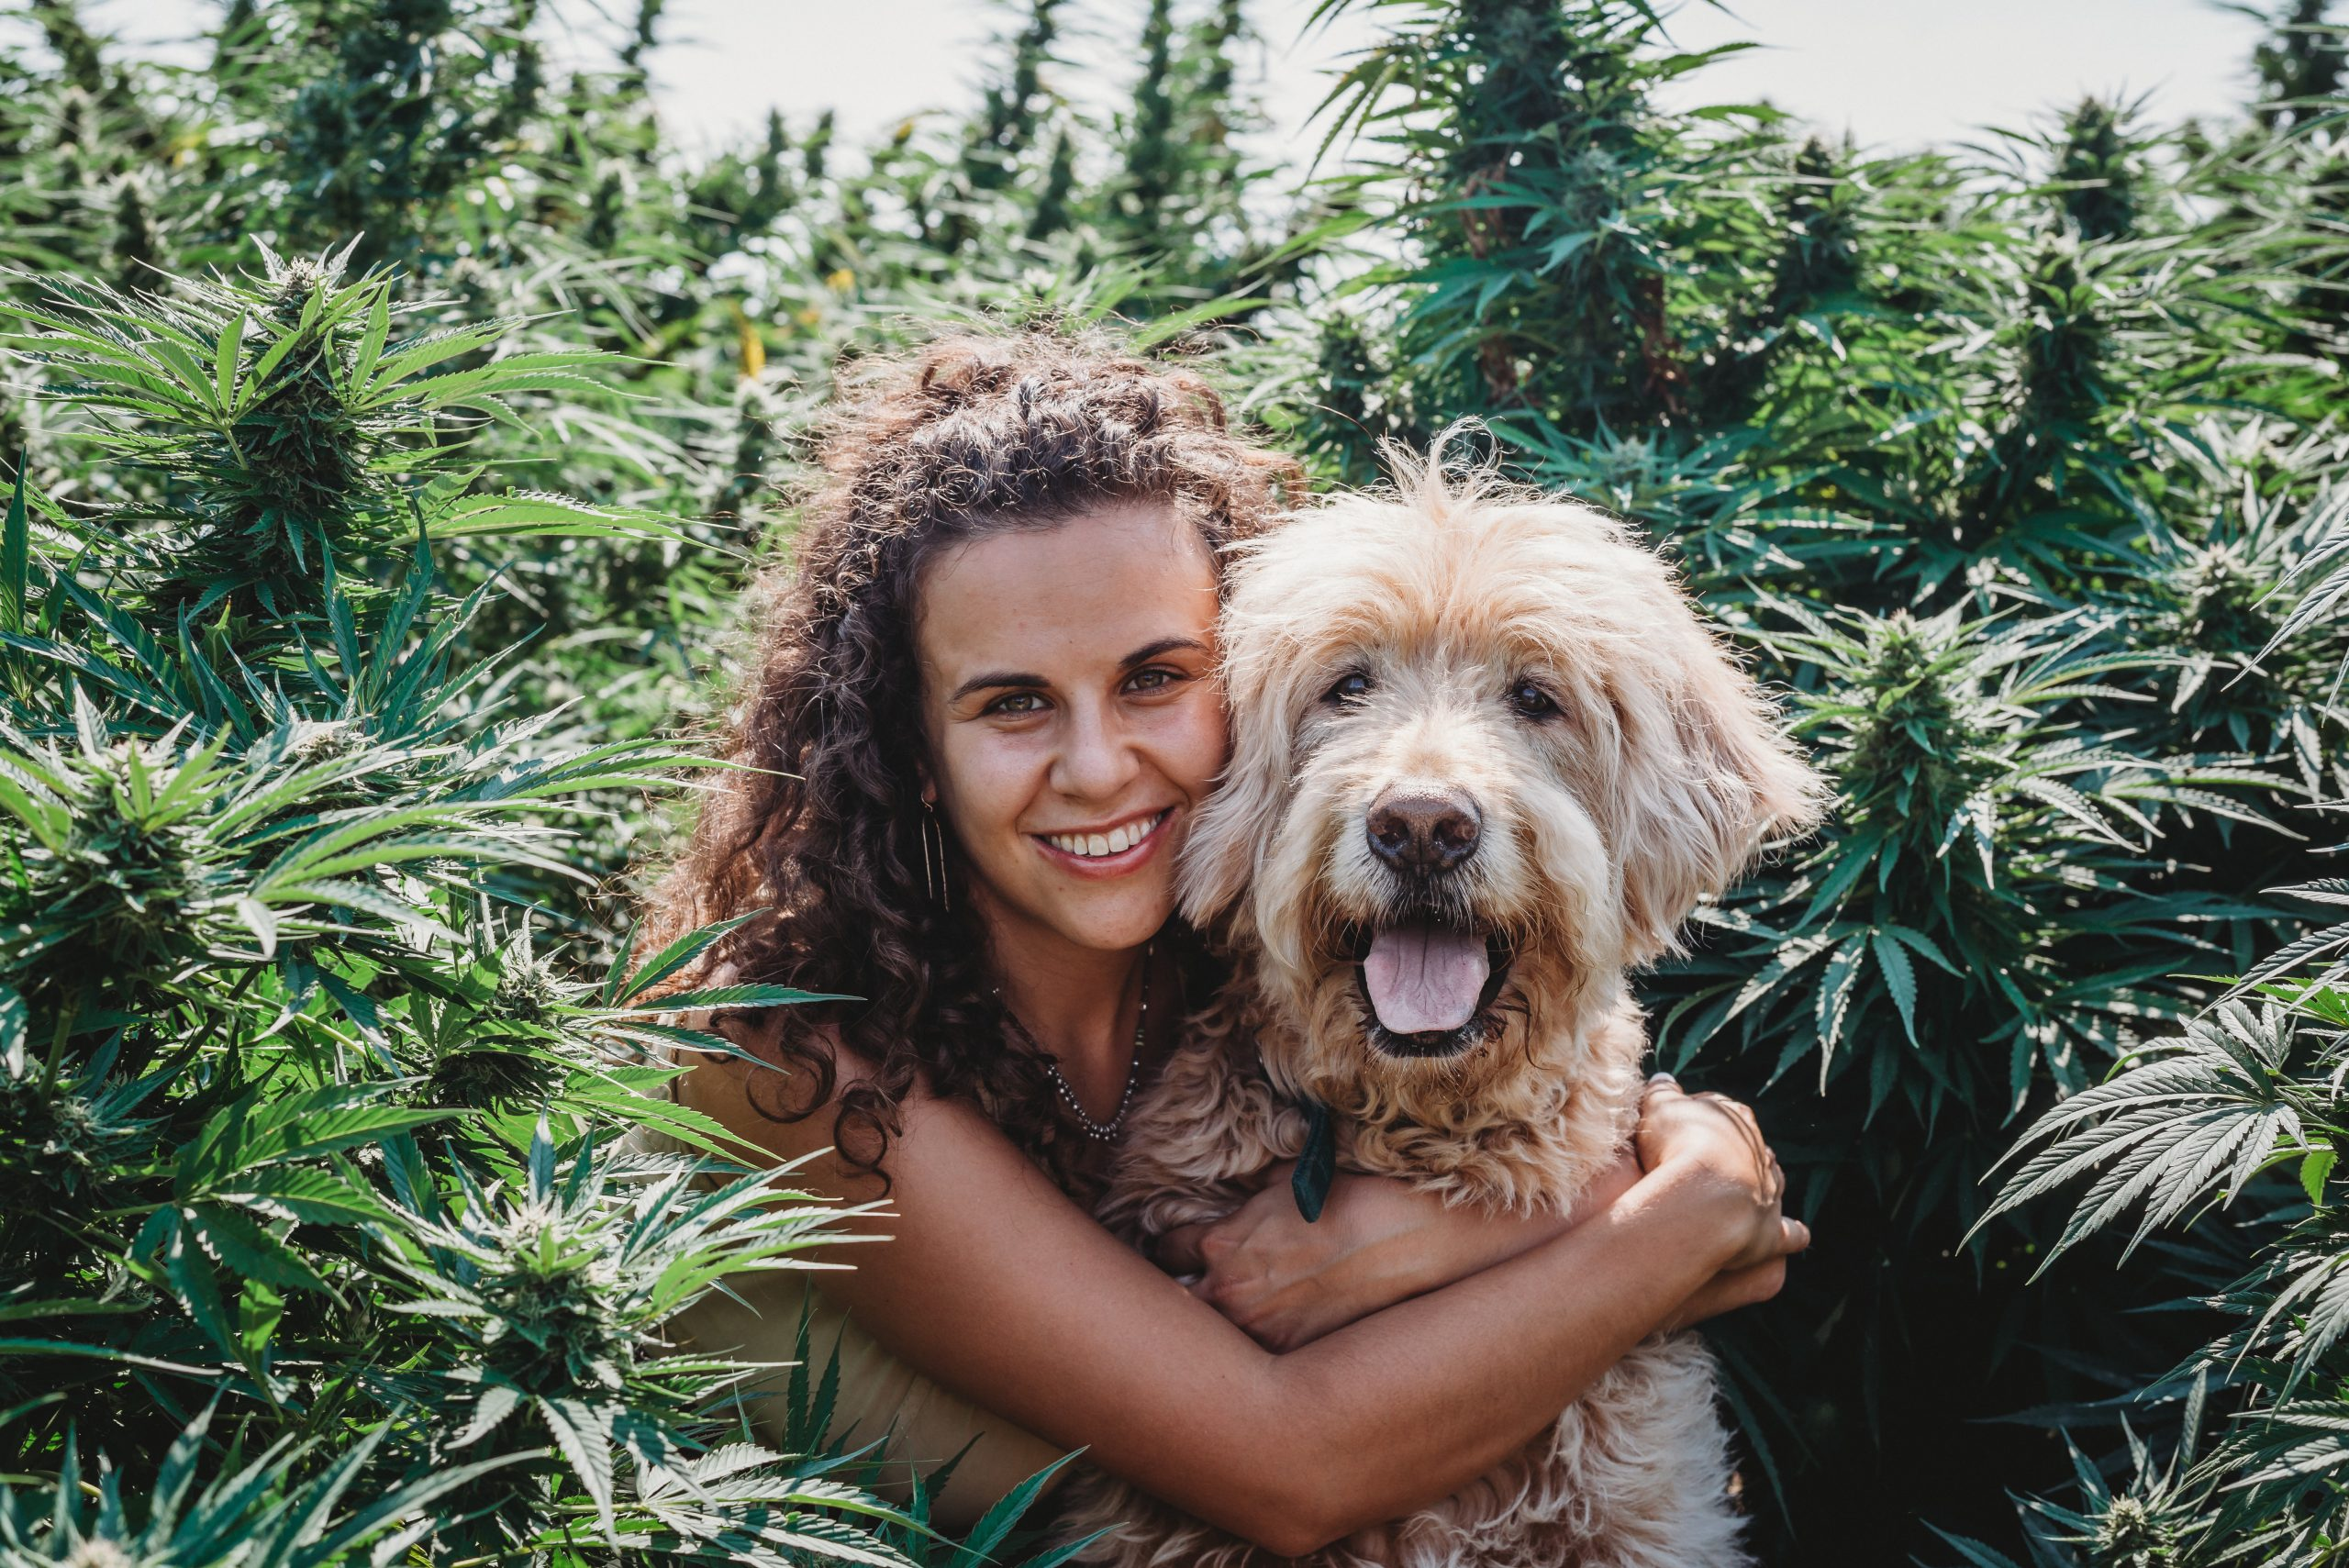 MGU 249 Karli Miller-Hornick  Using Cannabinoids